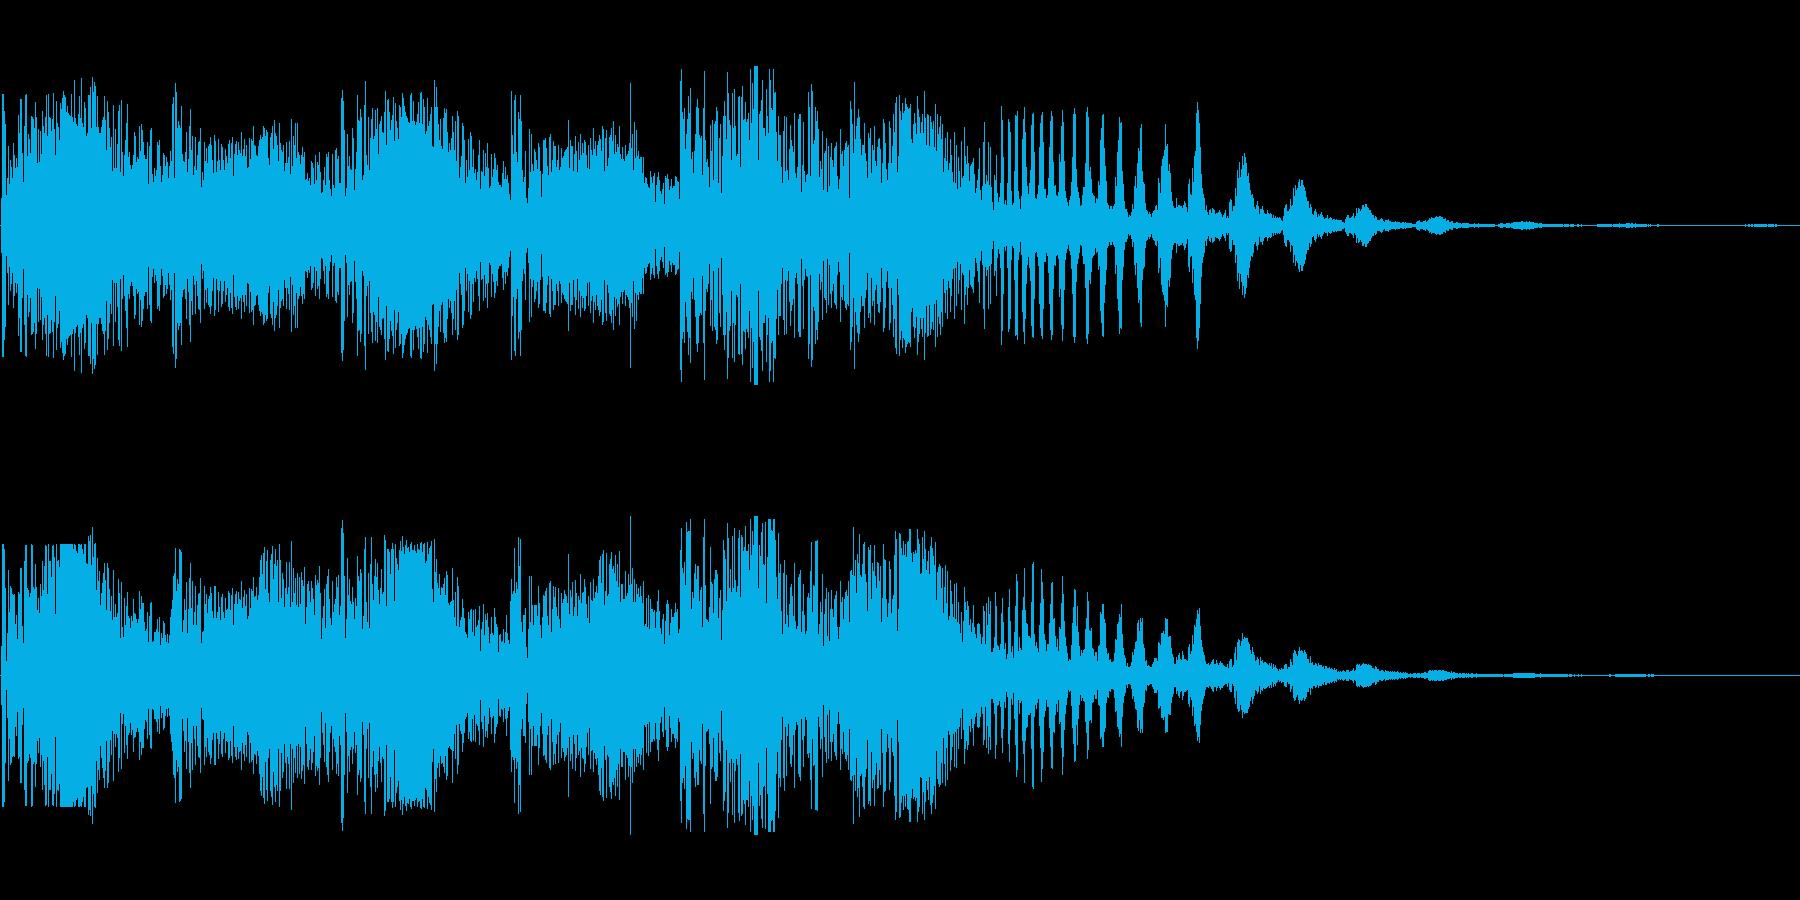 ジリリリ(割れる音 細かくなる音)の再生済みの波形